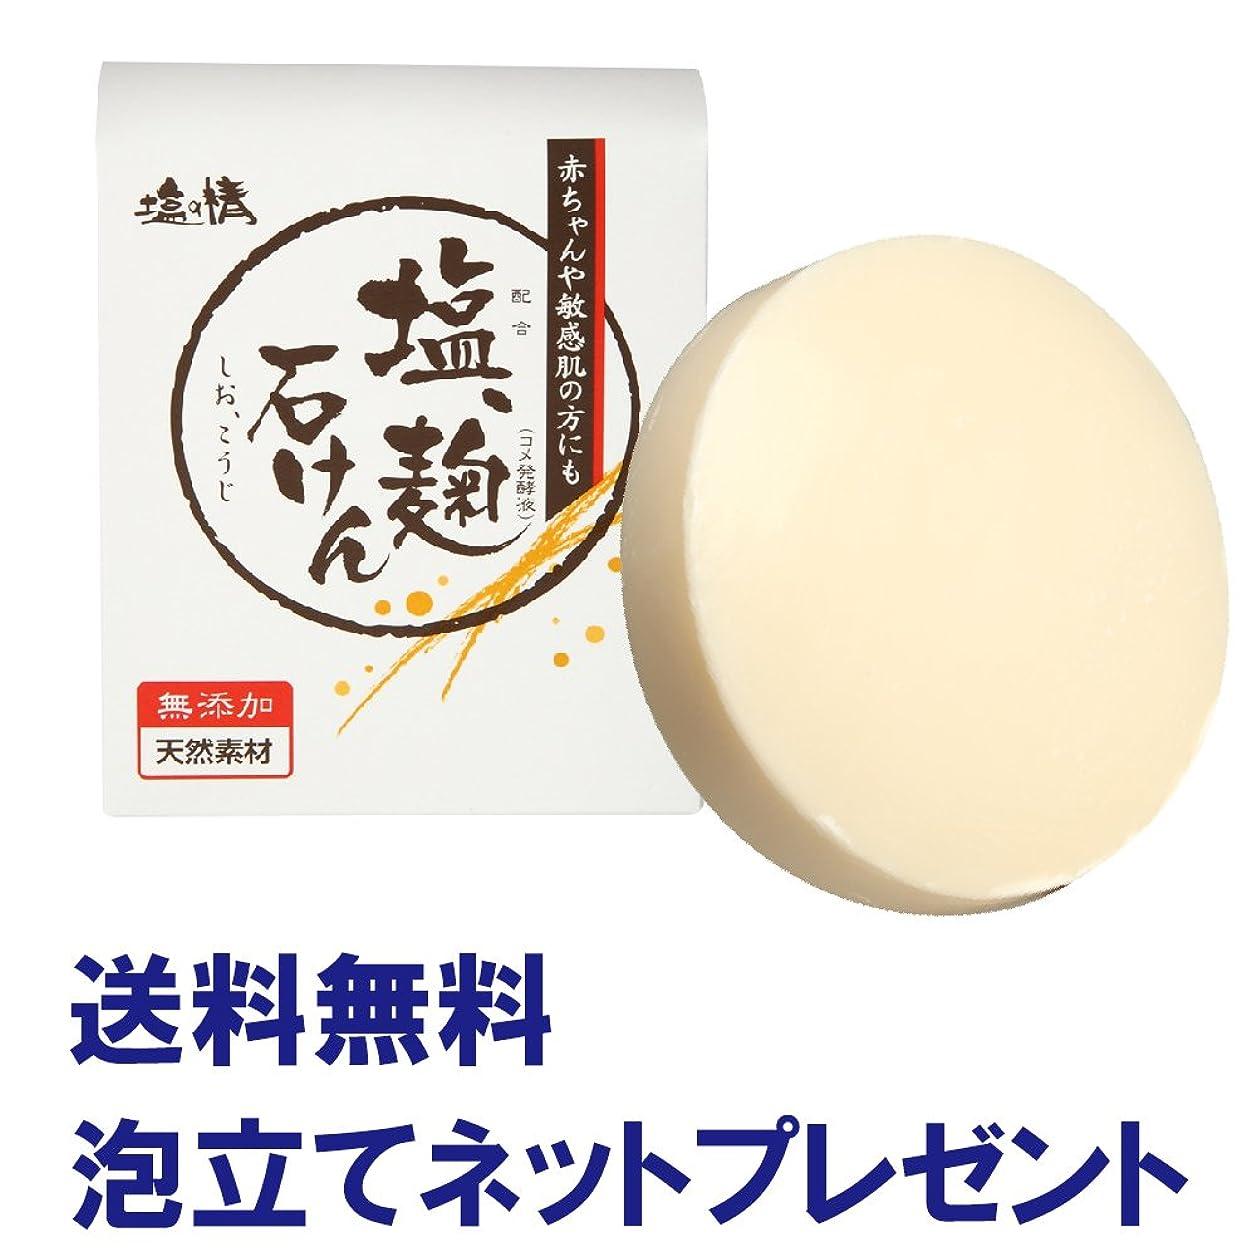 相対サイズ怠けたシャーロットブロンテダイム 塩の精 無添加 塩、麹洗顔石鹸 80g 泡立てネットプレゼント